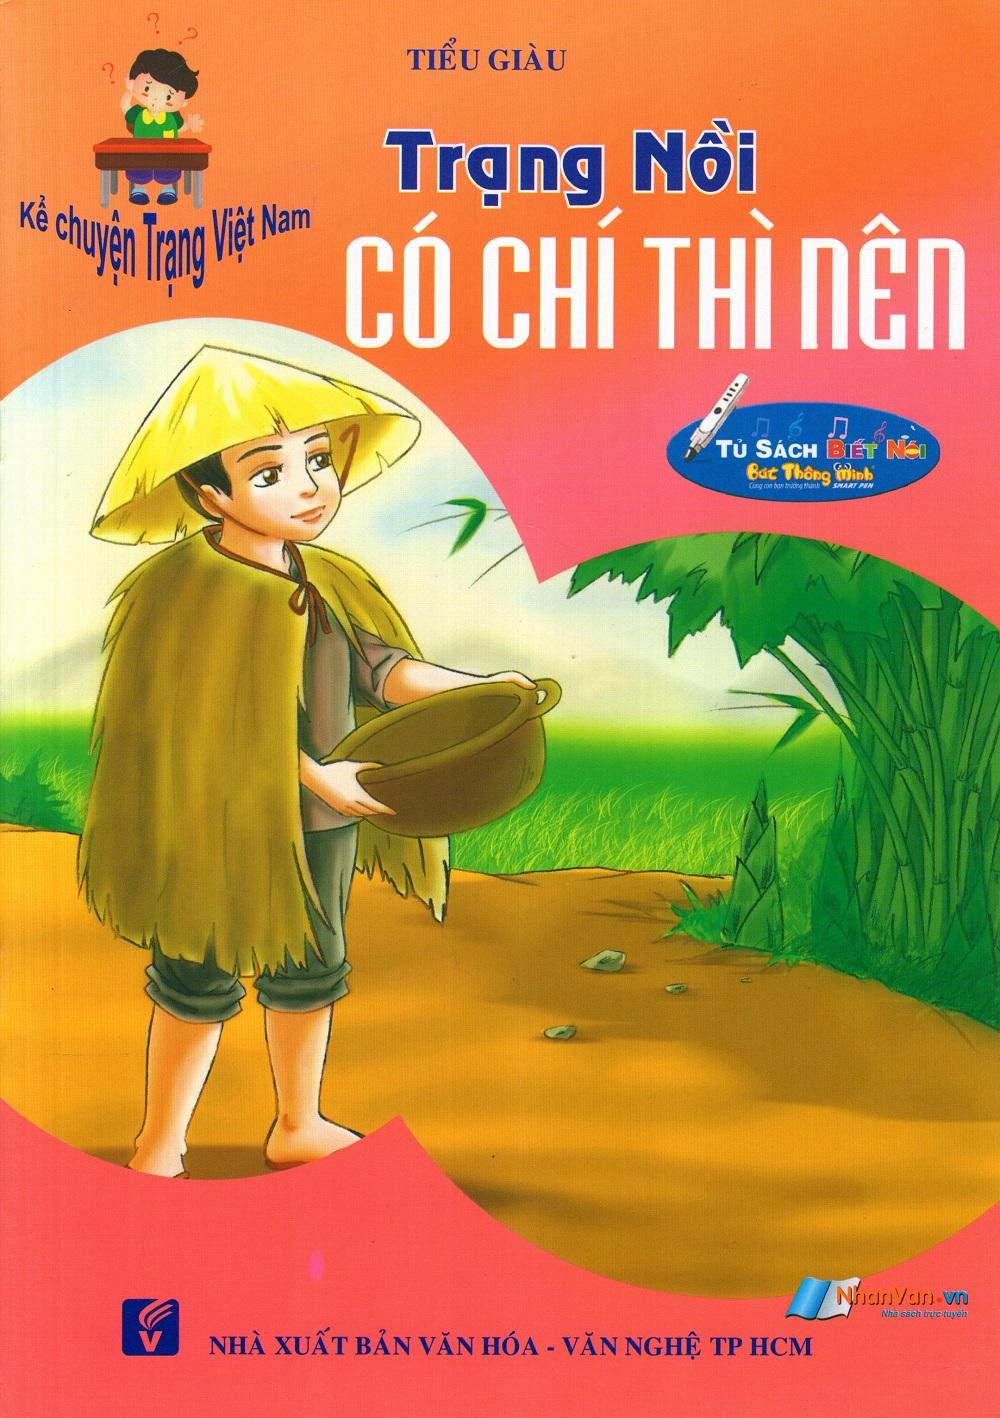 Kể Chuyện Trạng Việt Nam: Trạng Nồi - Có Chí Thì Nên